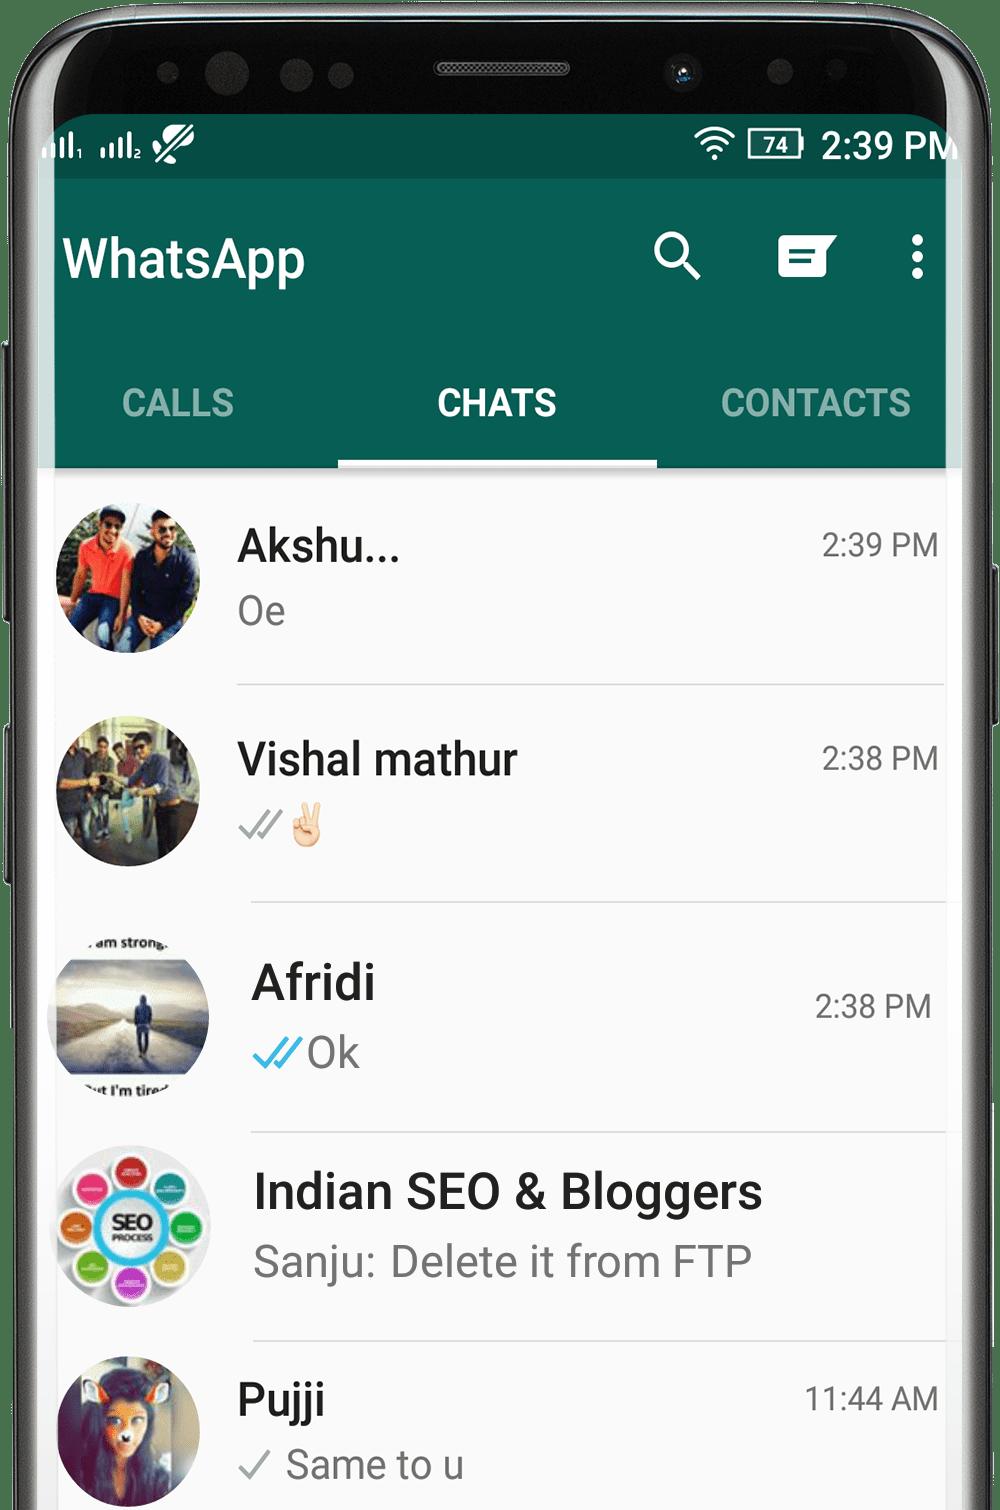 Liest jemand unbemerkt deine WhatsApp-Nachrichten?